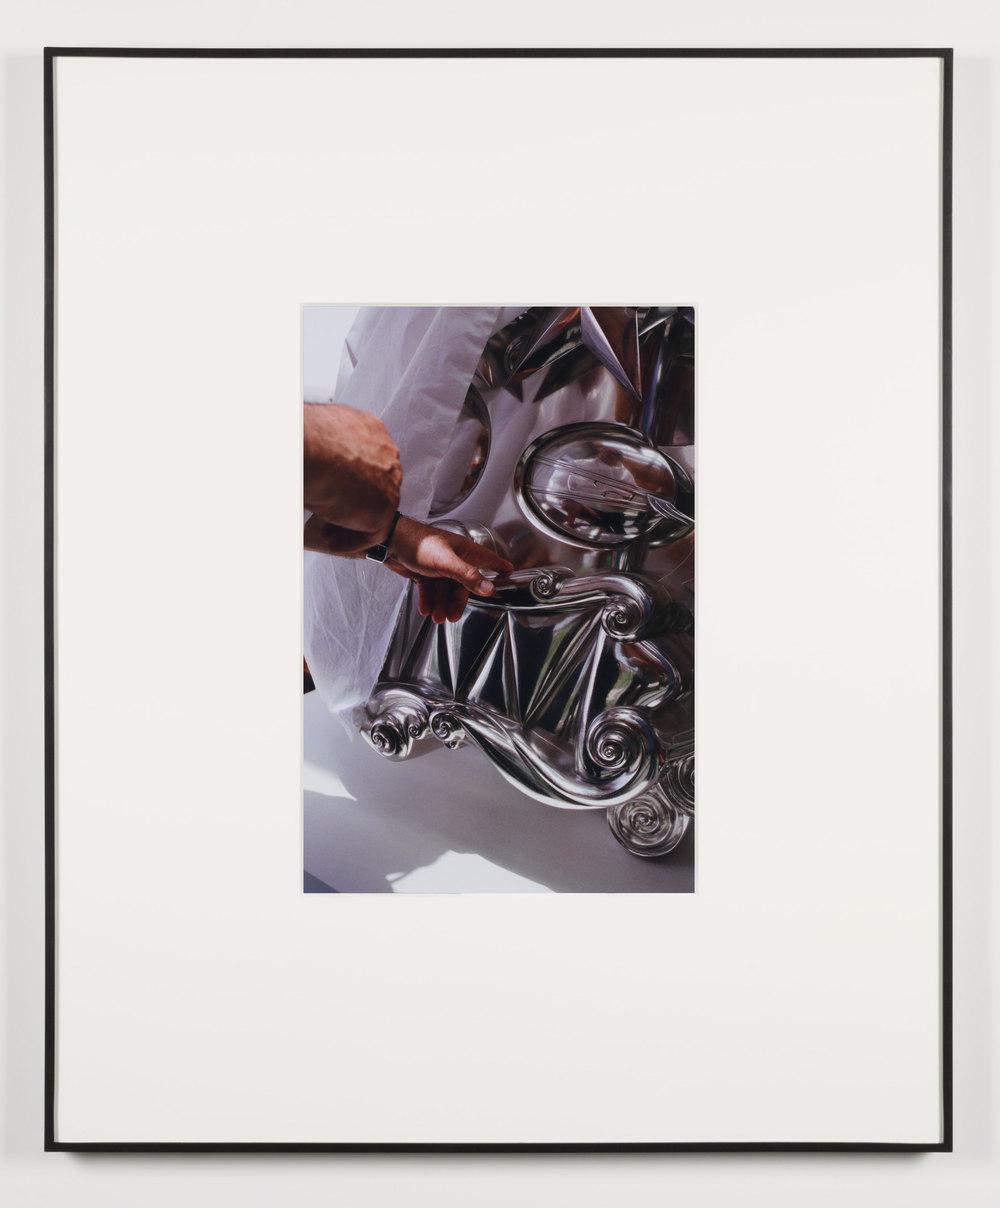 Die Supermutter (Beirut, Lebanon, June 1, 2013), Frame No. 15    2014   Chromogenic print  20 x 13 1/2 inches   Gastarbeiten, 2014